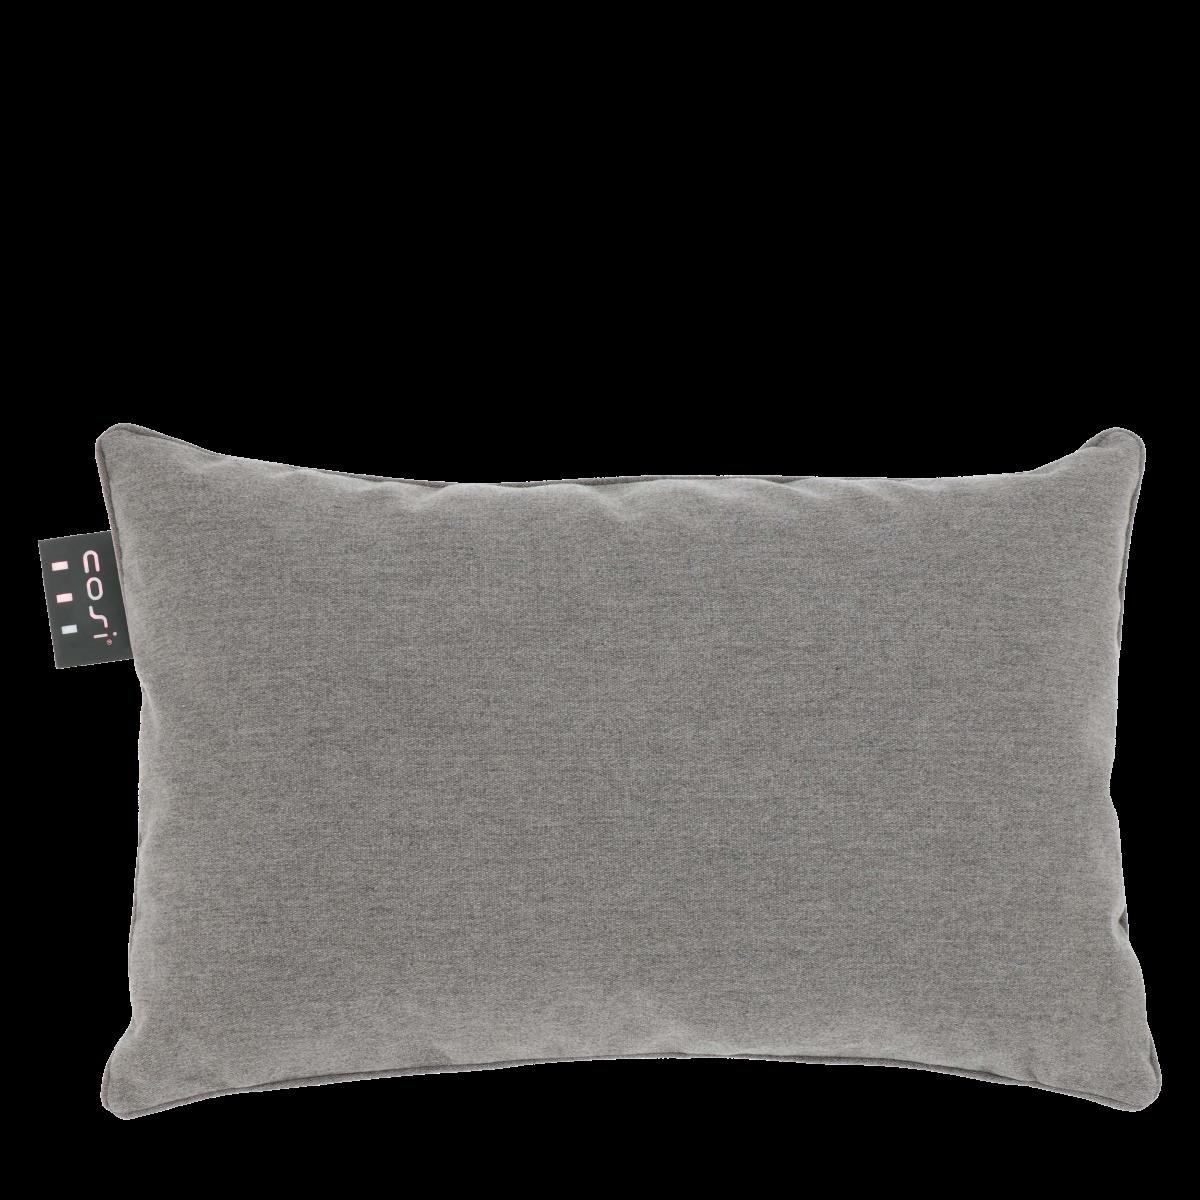 Cosipillow Solid verwarmend kussen 60x40 cm